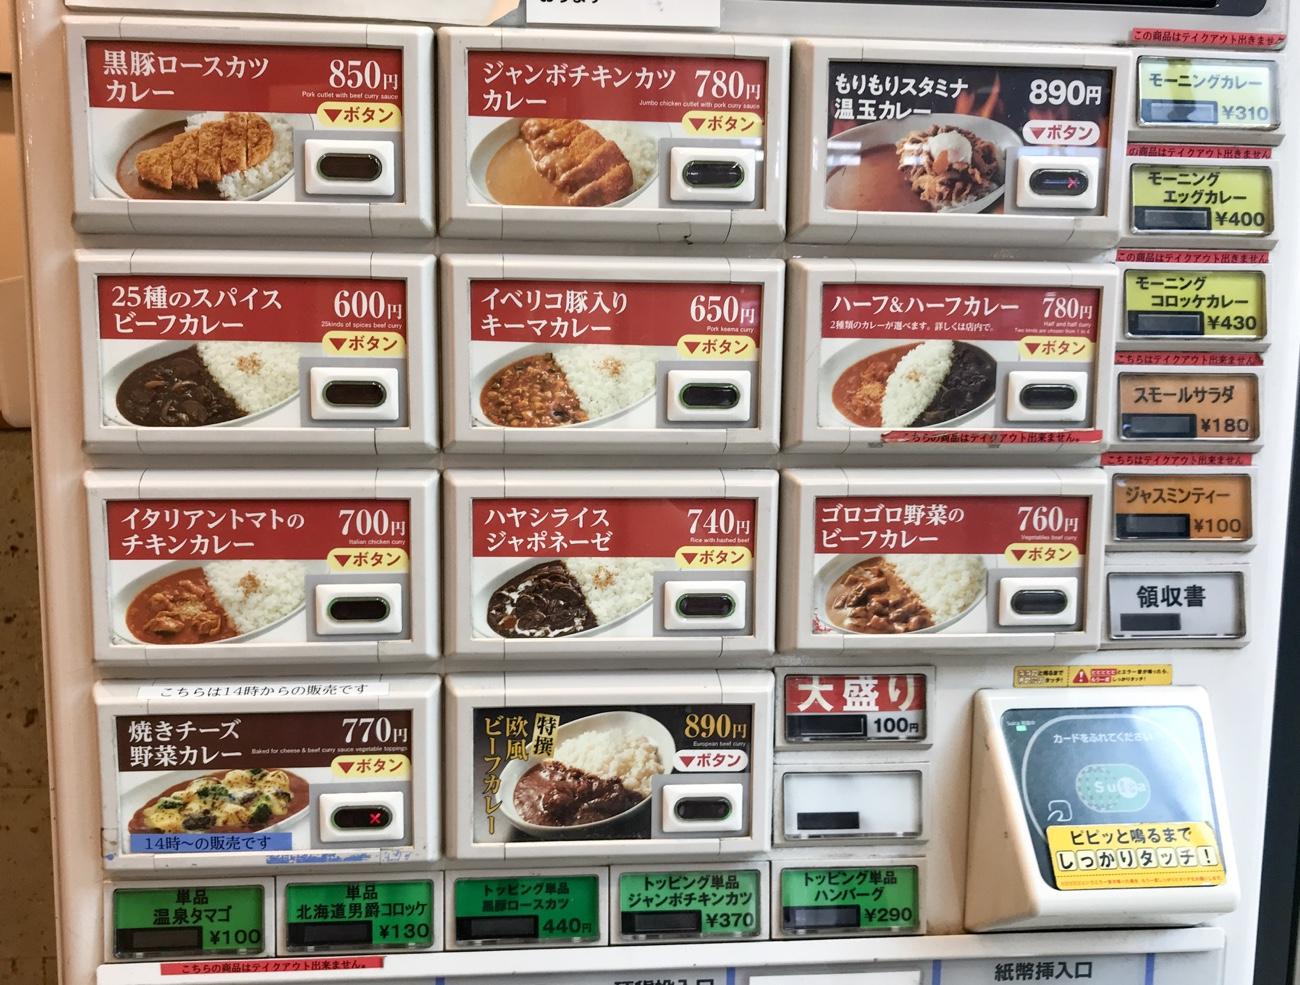 大崎駅 美味しいカレー 駅ナカカレー厨房